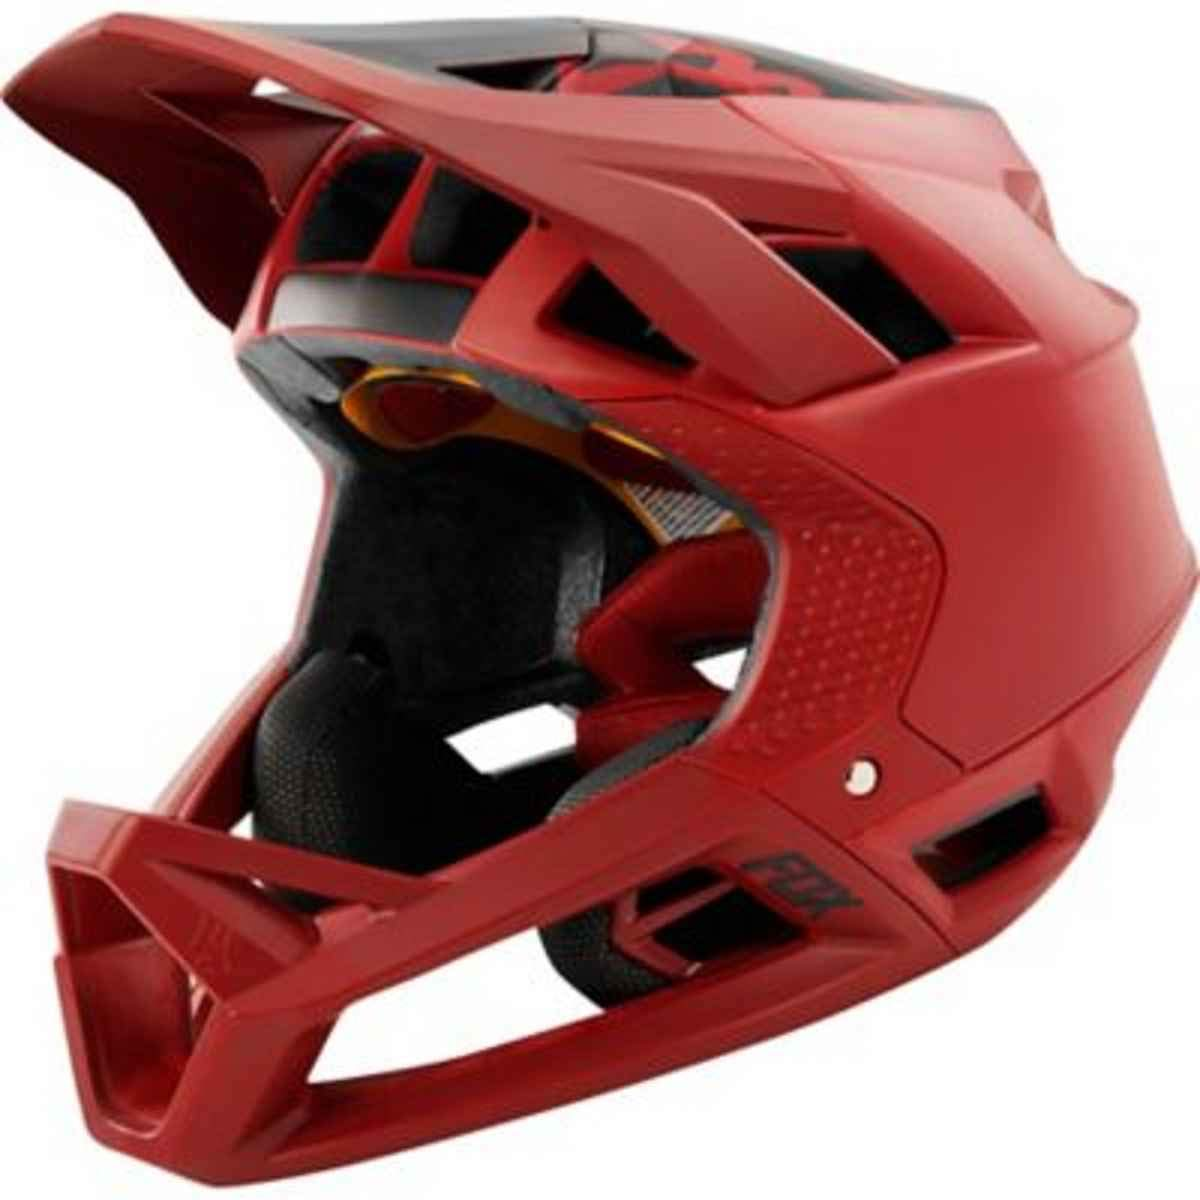 Fox Downhill-MTB Helm Proframe Matte Cardinal